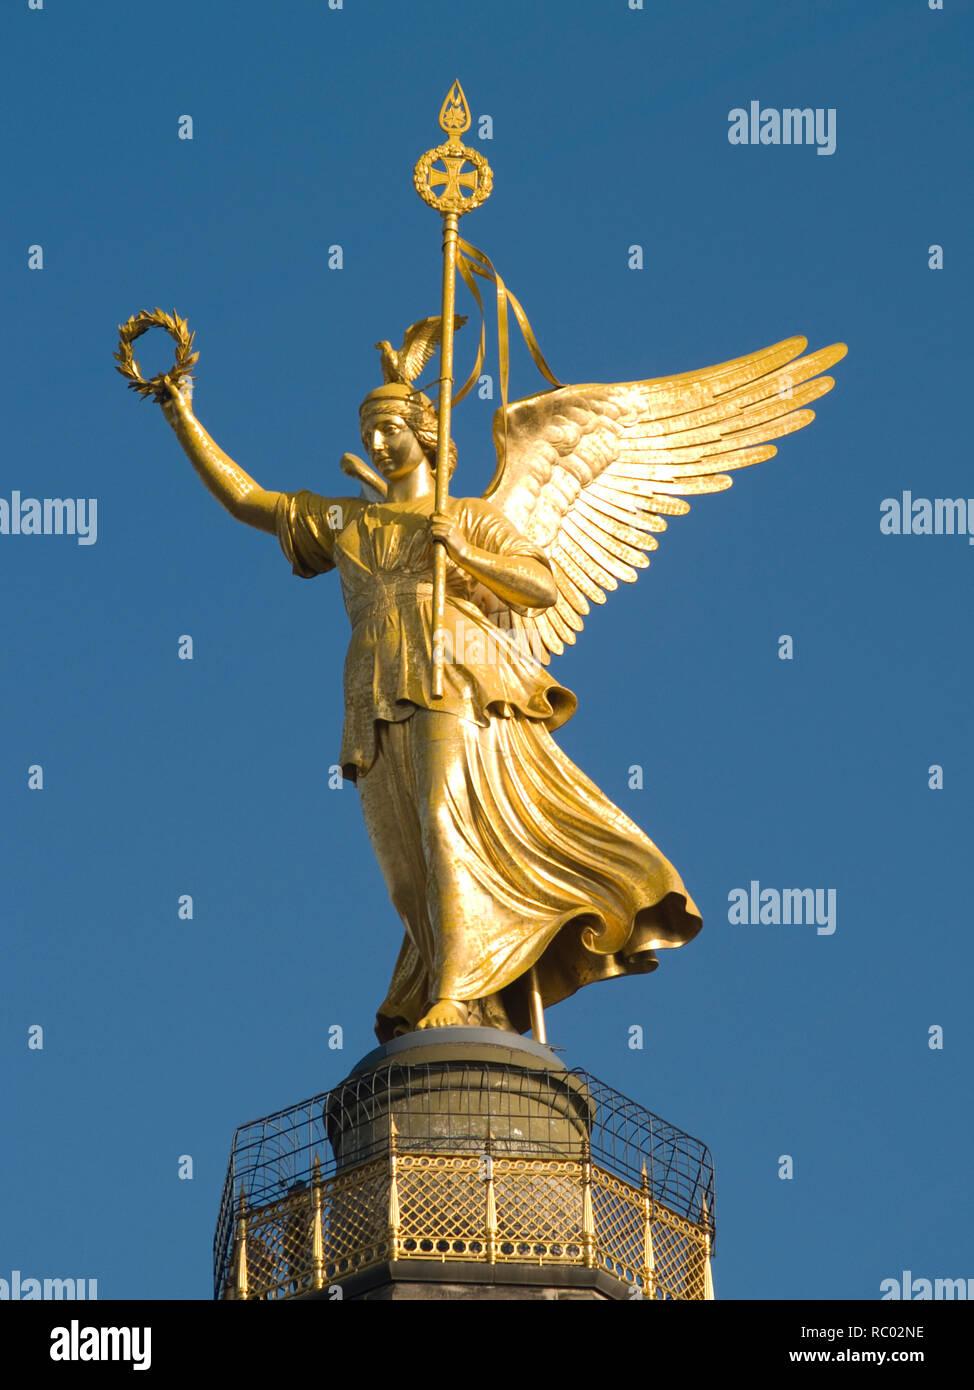 Detailansicht der Siegessäule mit Victoria, Berlin, Deutschland, Europa | Detail view of the Victory column with Victoria, Berlin, Germany, Europe - Stock Image